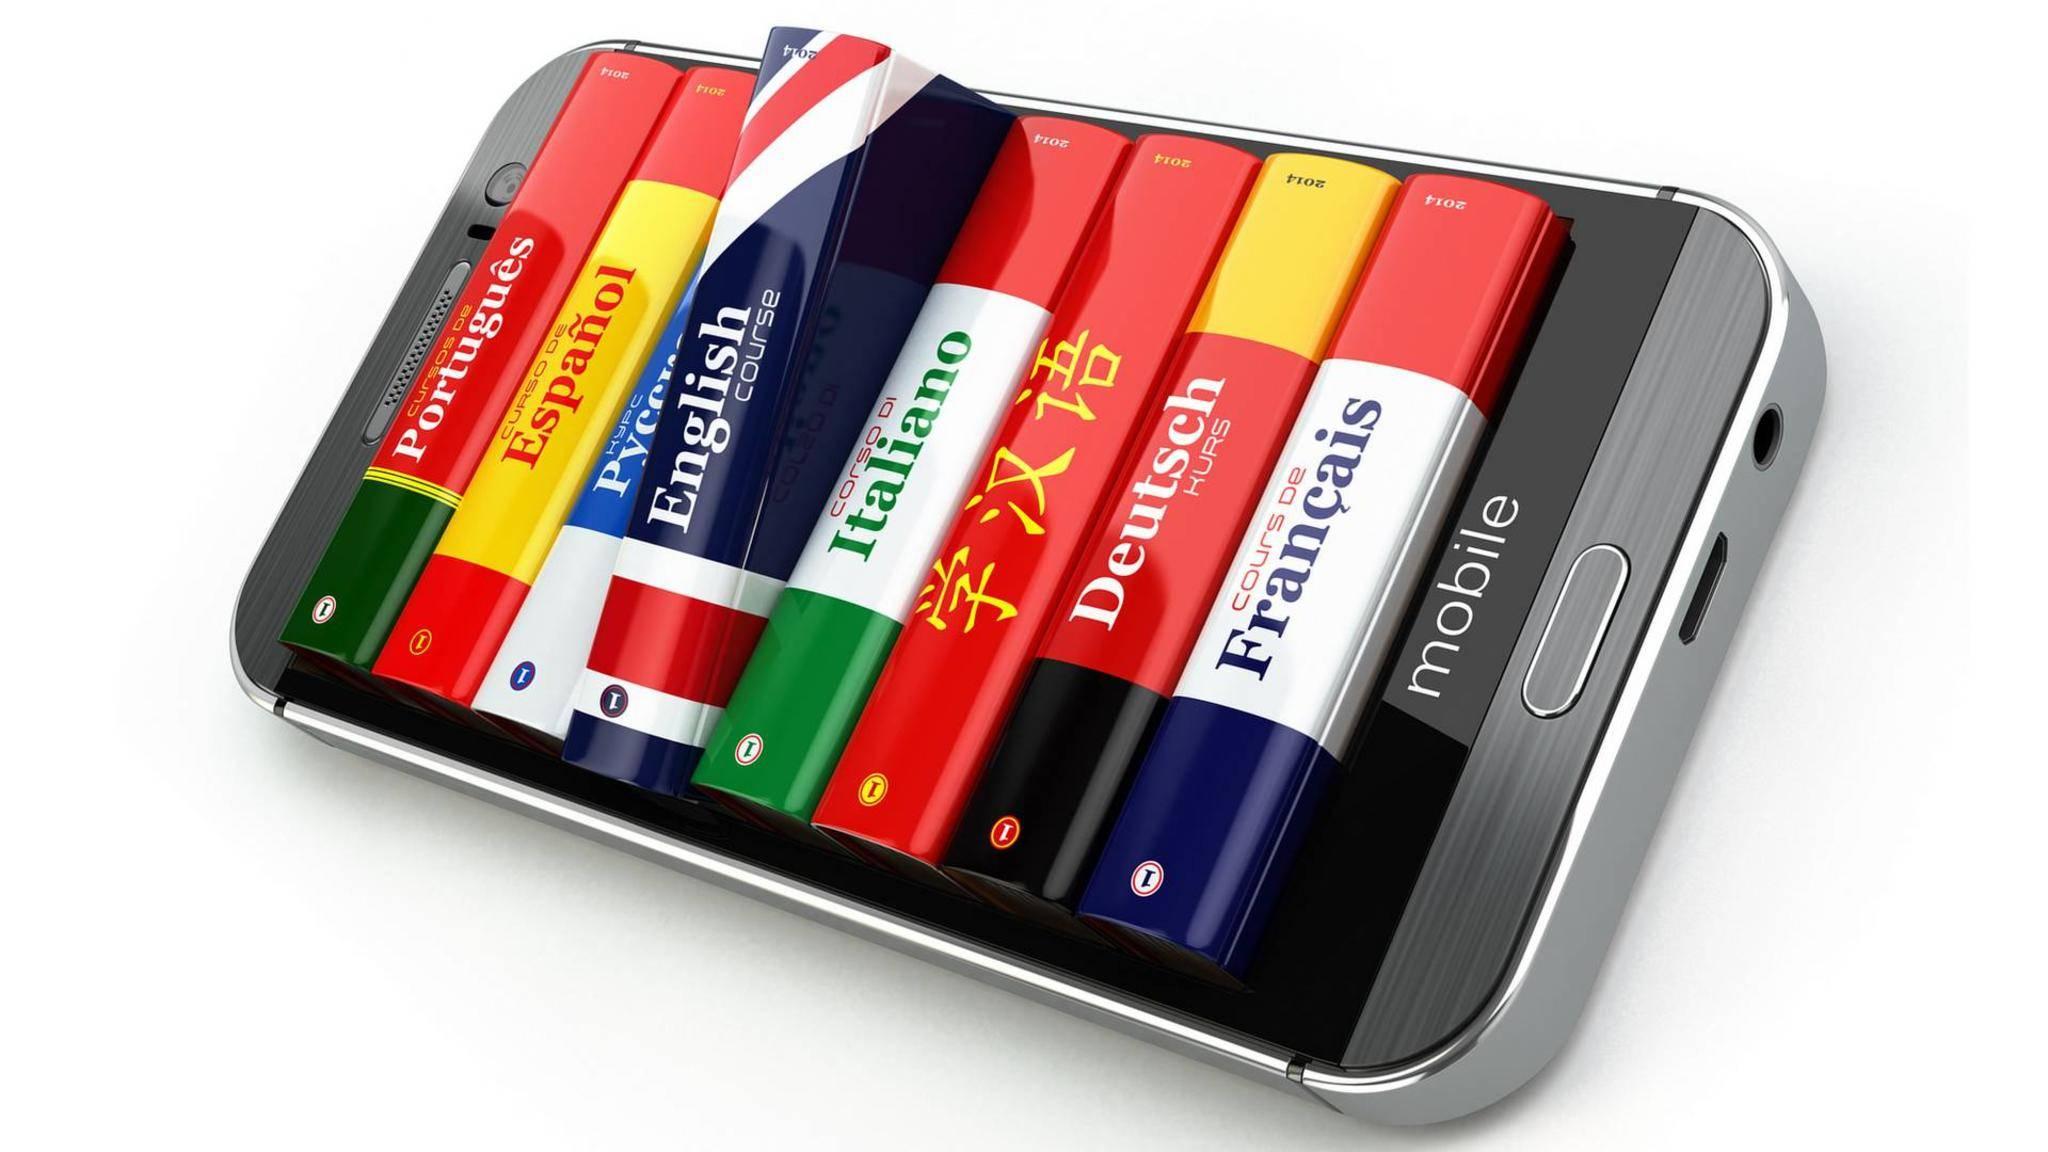 Wörterbuch-Apps eignen sich besonders für Übersetzungen.